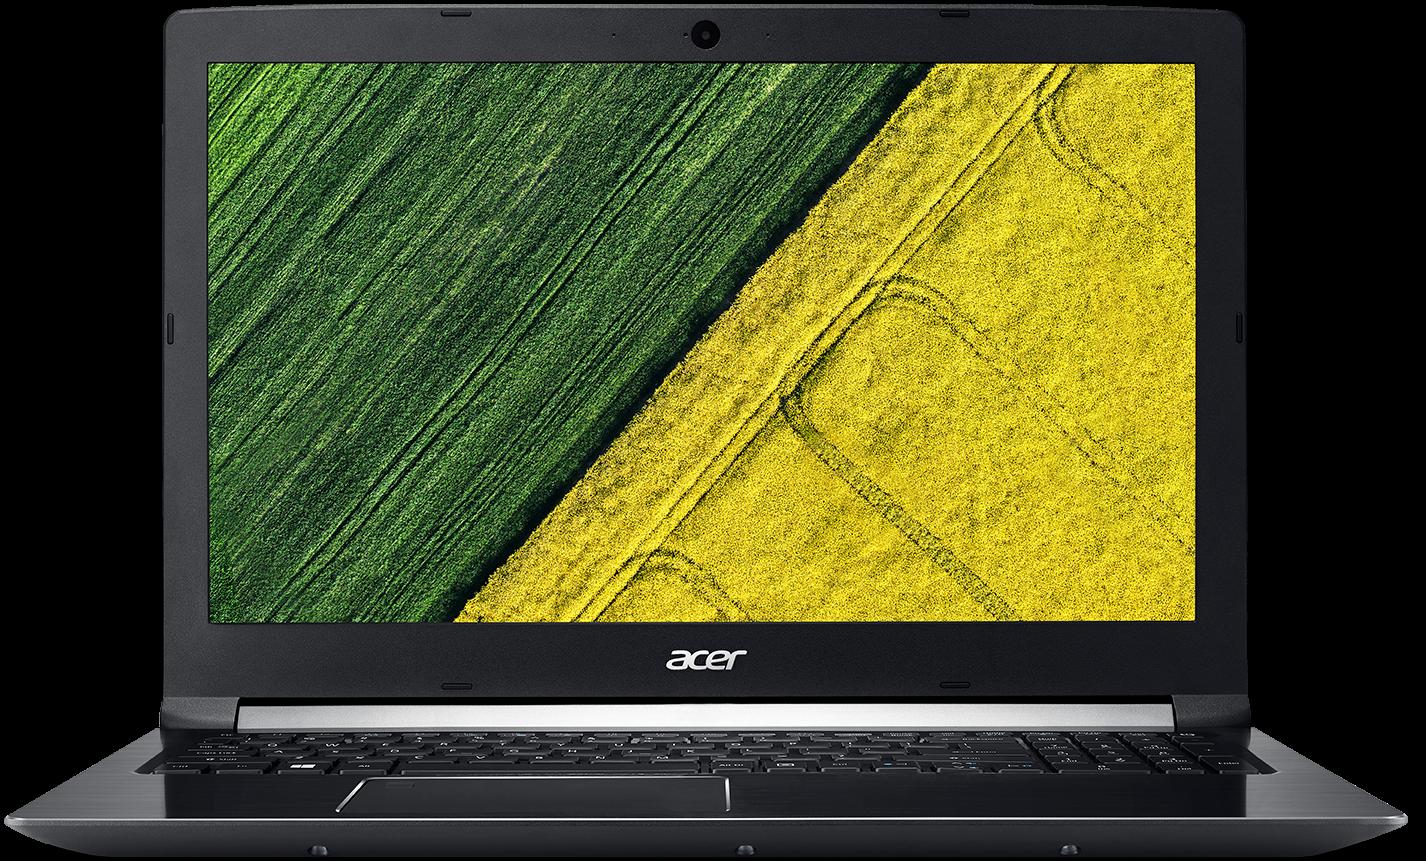 Acer Aspire 5000 LAN Treiber